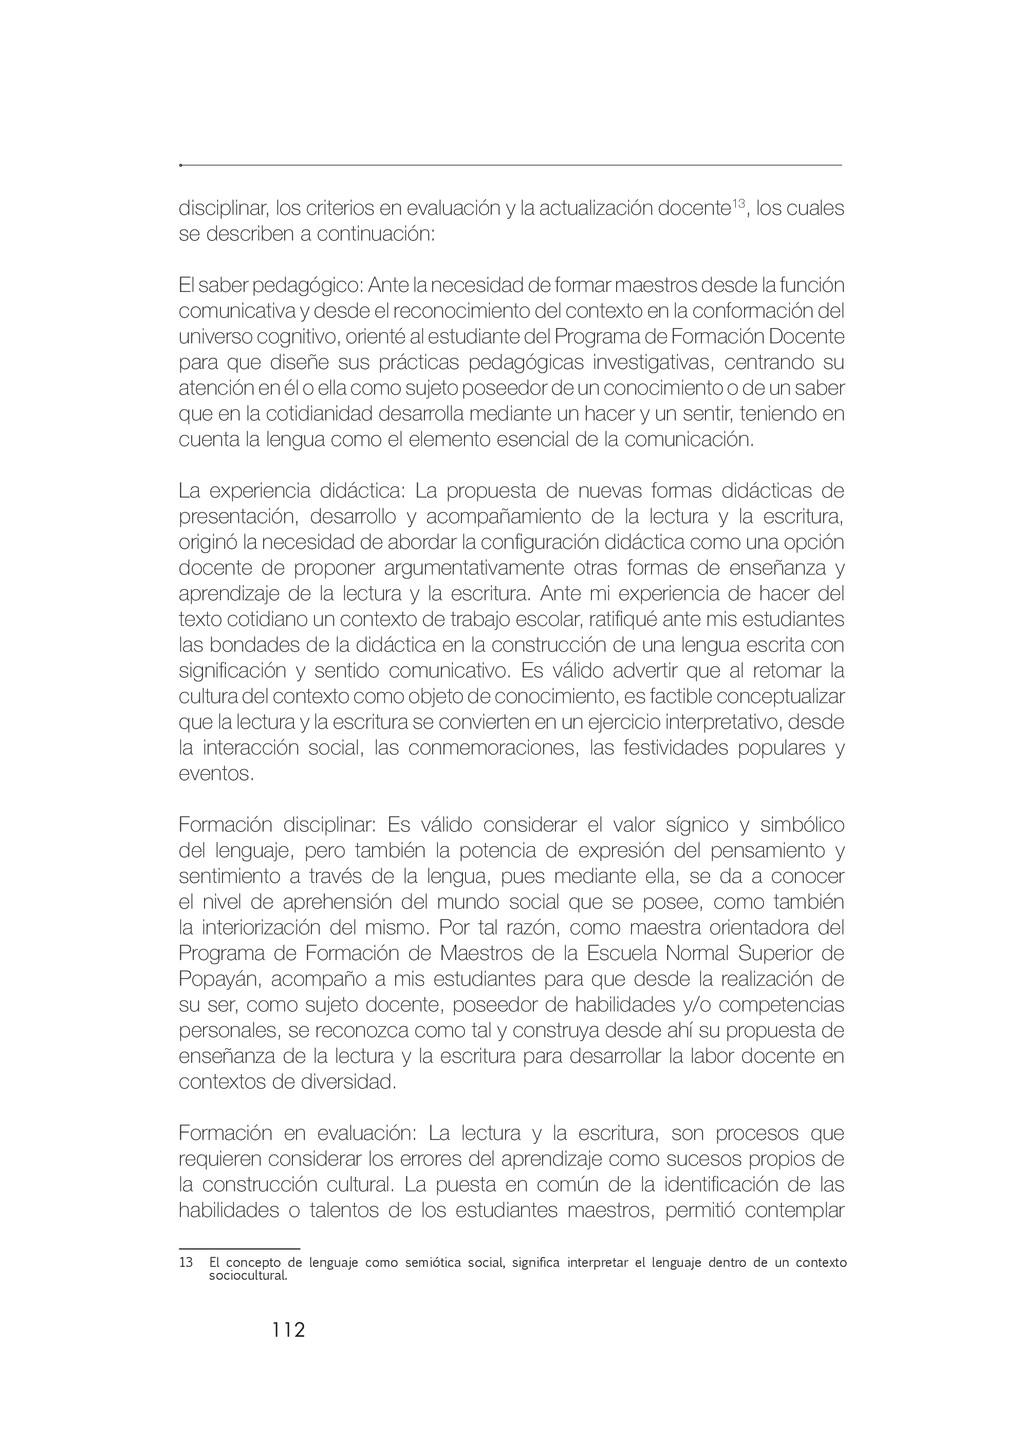 112 disciplinar, los criterios en evaluación y ...